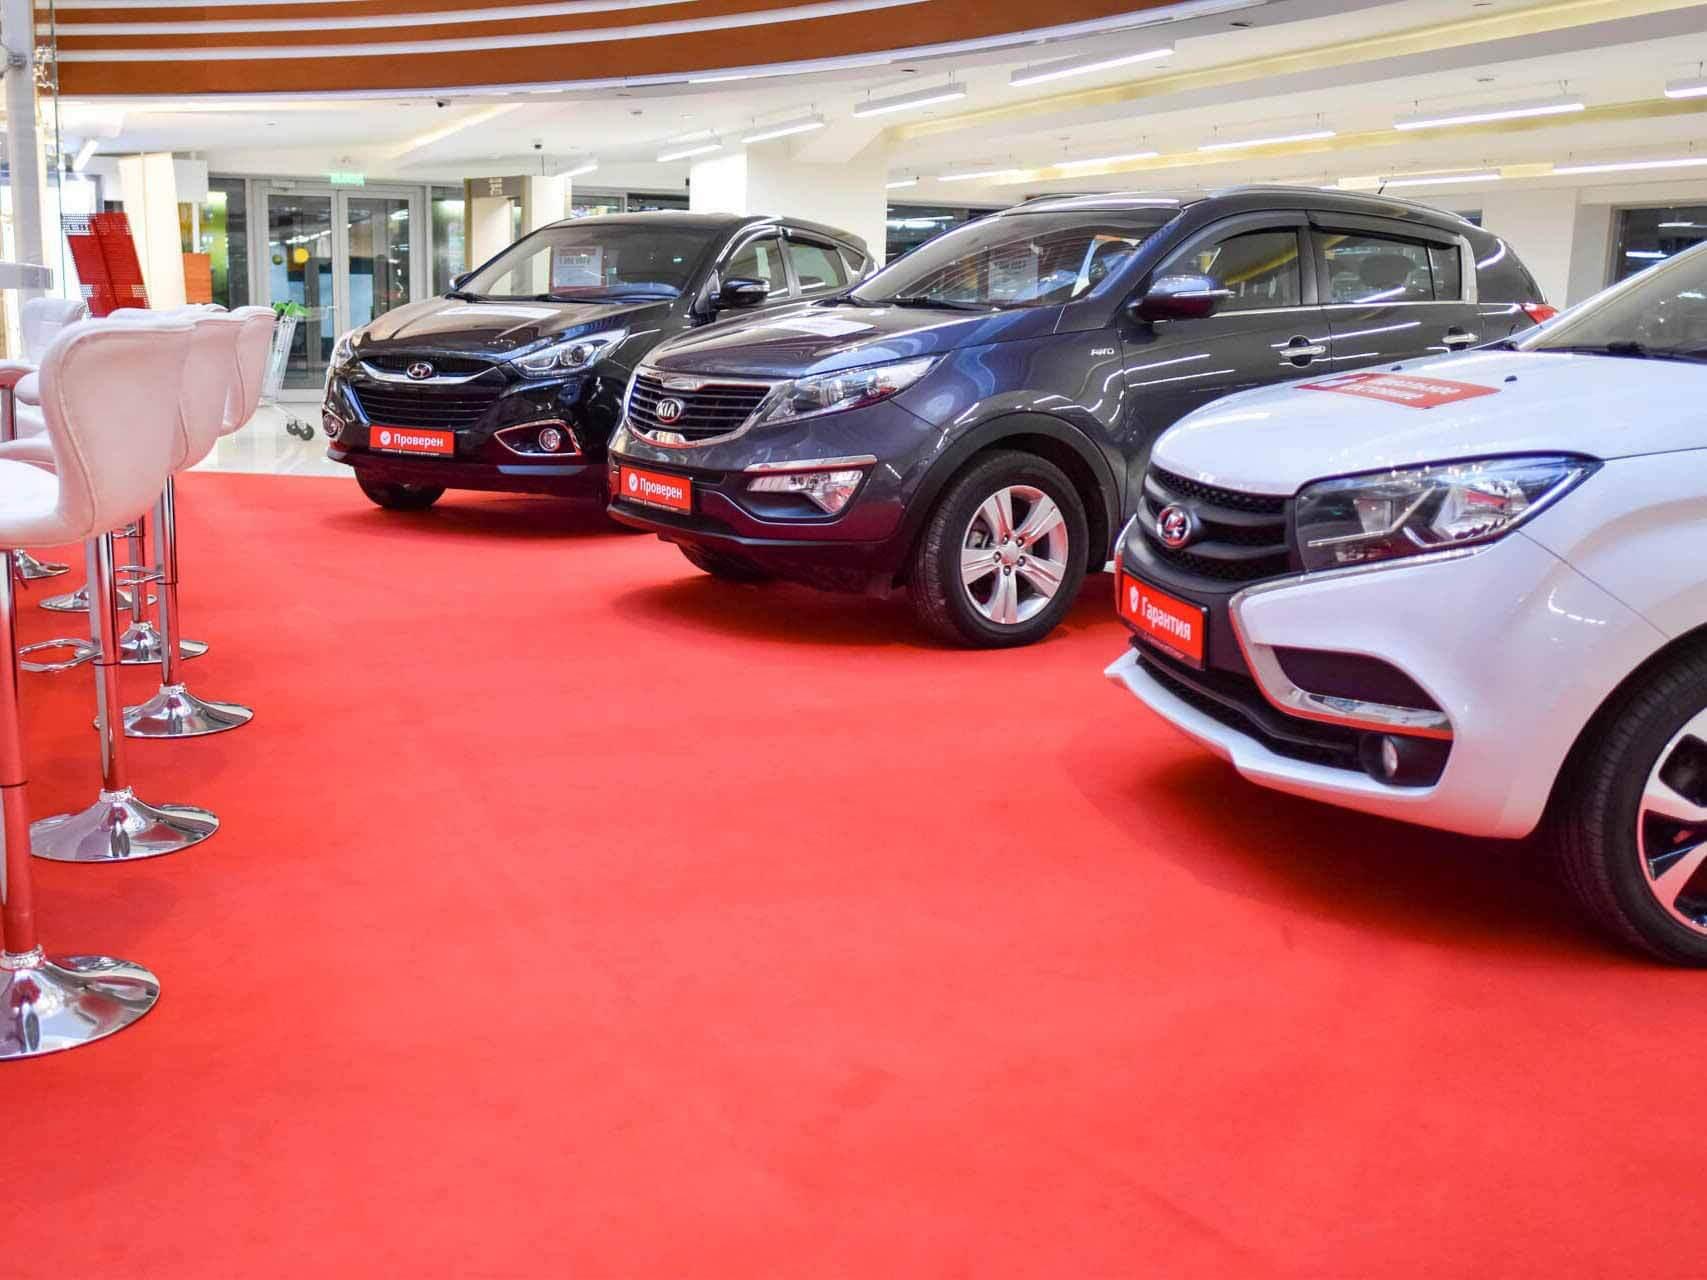 Россия не спешит продавать подержанные автомобили